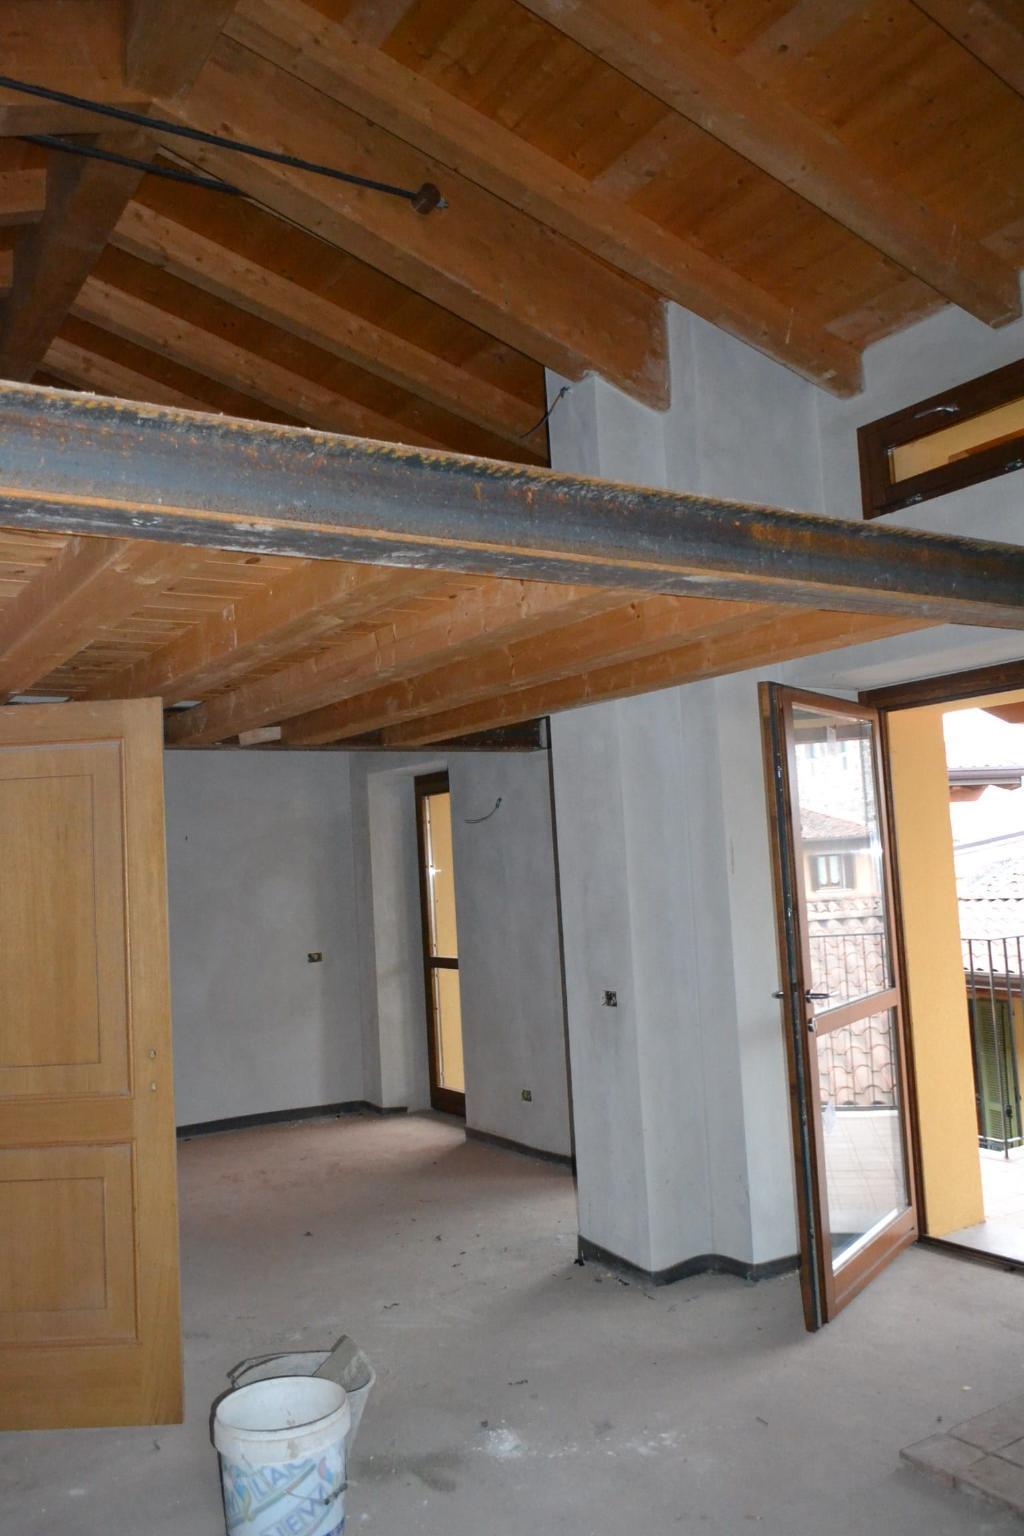 Appartamento in vendita a Mapello, 2 locali, zona Località: centro, prezzo € 80.000 | Cambio Casa.it